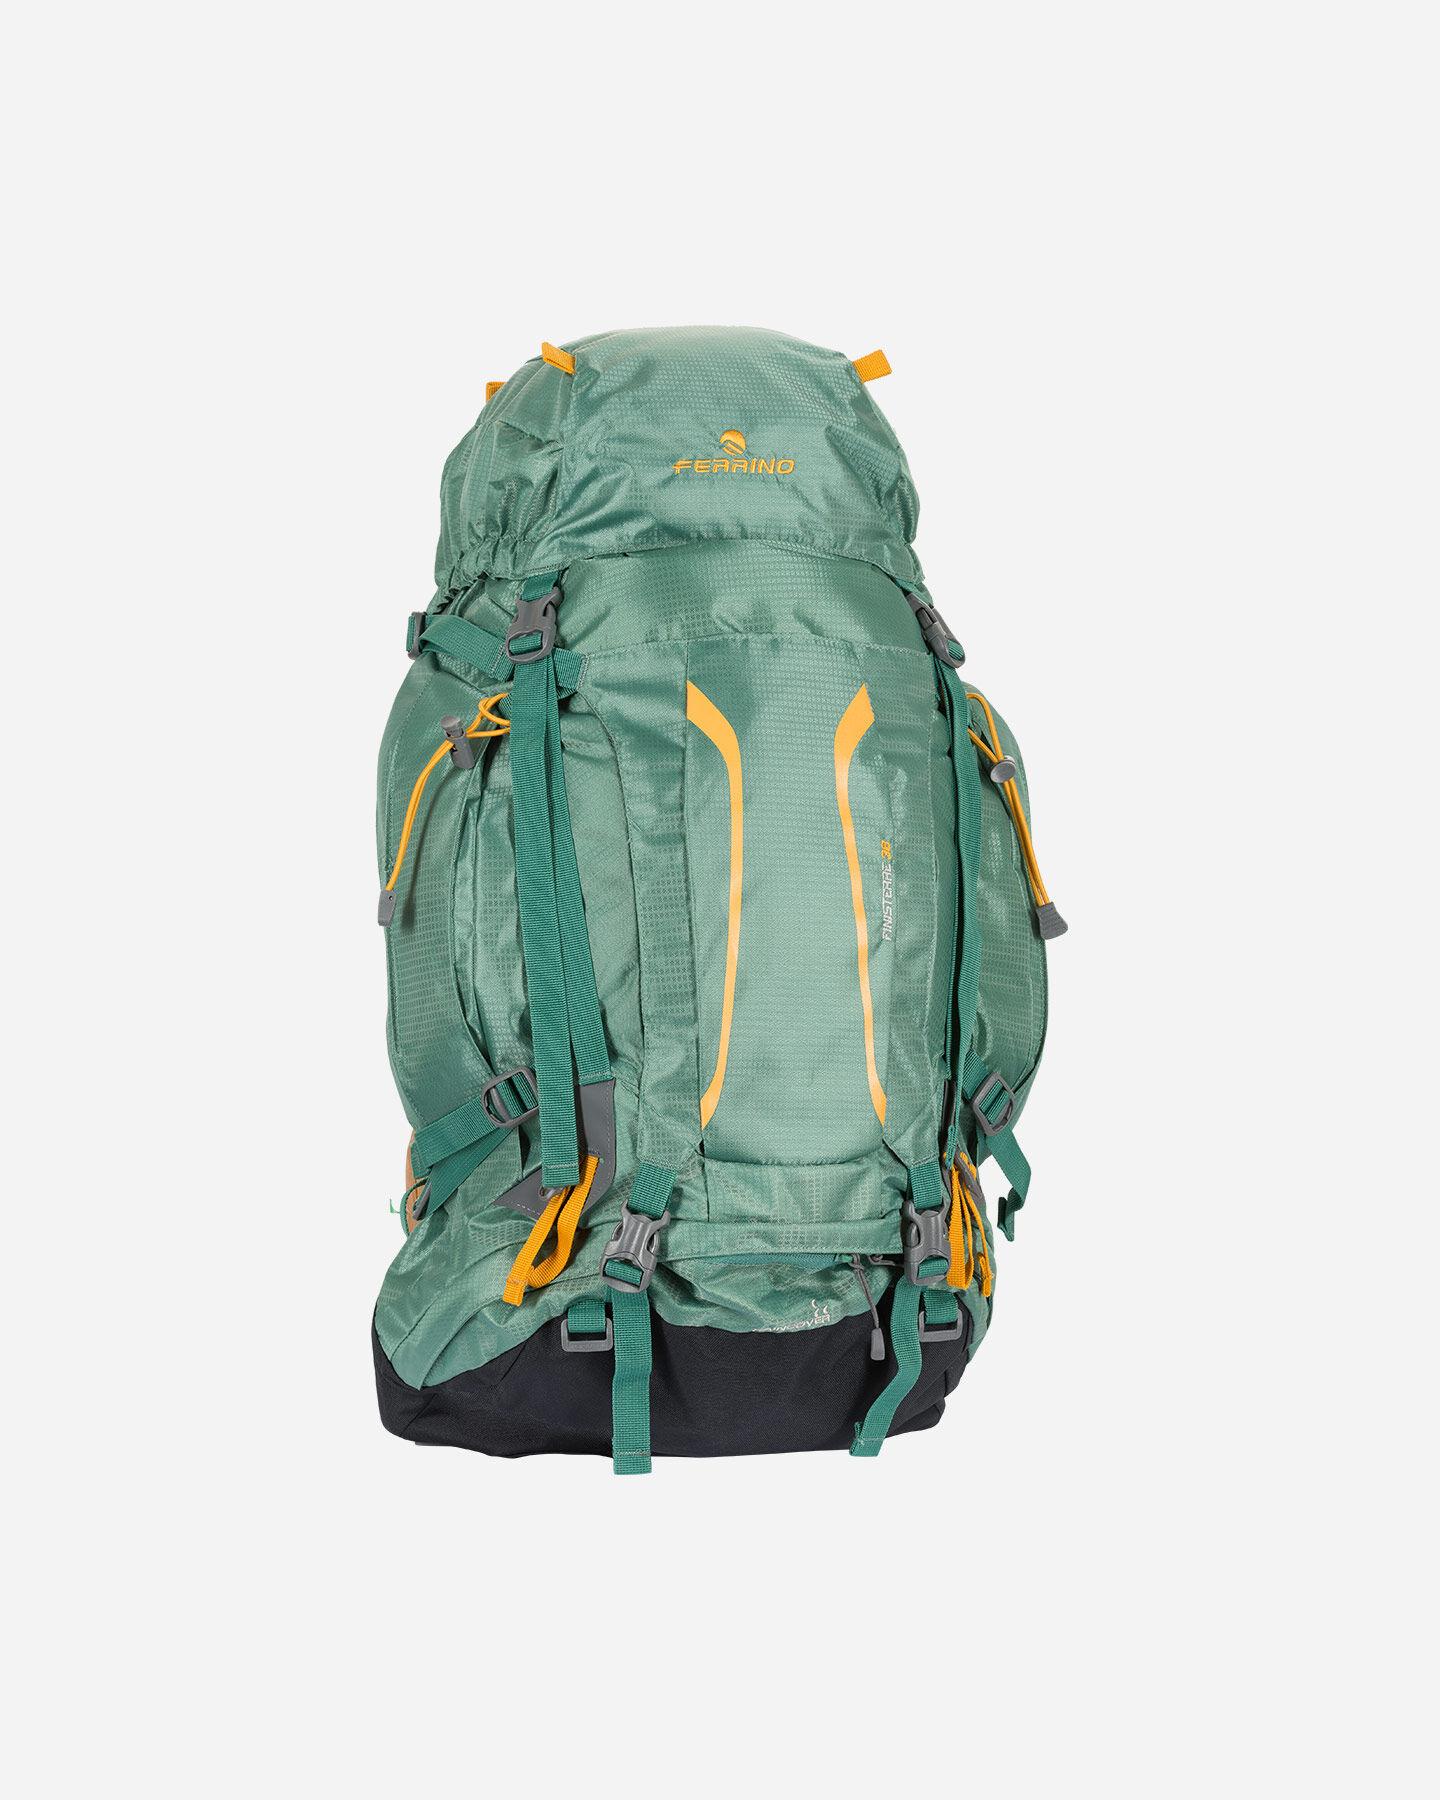 Zaino escursionismo FERRINO FINISTERRE 38 S4077819|HVV|UNI scatto 0